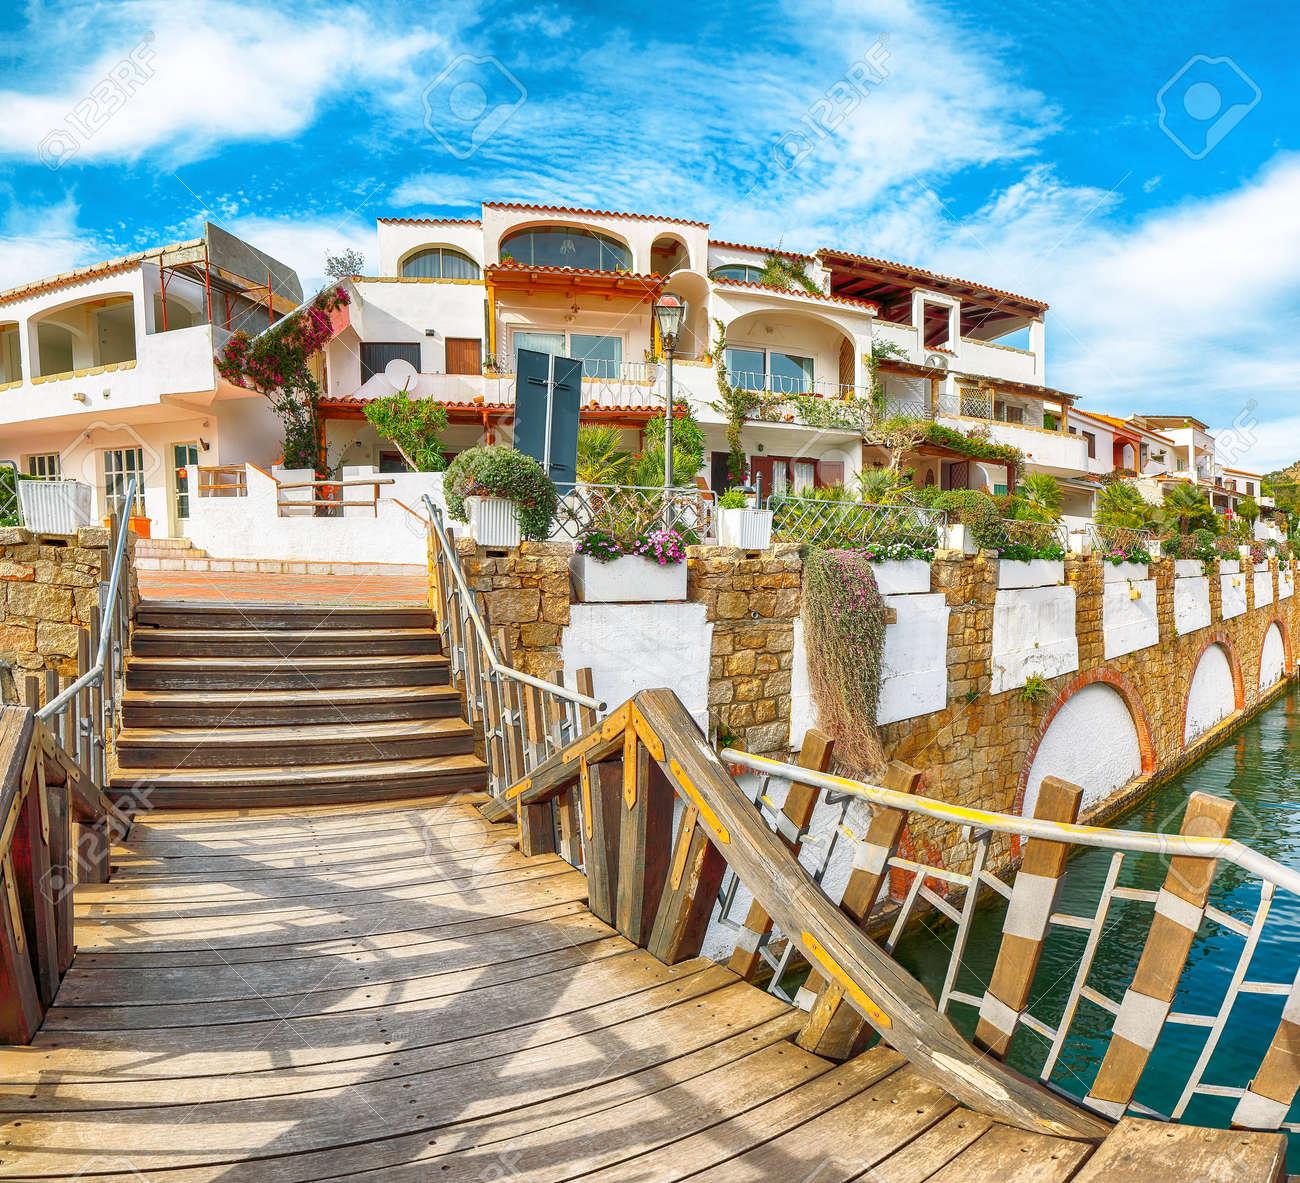 Enchanting view of Poltu Quatu town on Costa Smeralda. Popular travel destination of Mediterranean sea. Location: Poltu Quatu, Province of Sassari, Sardinia, Italy, Europe - 170378769